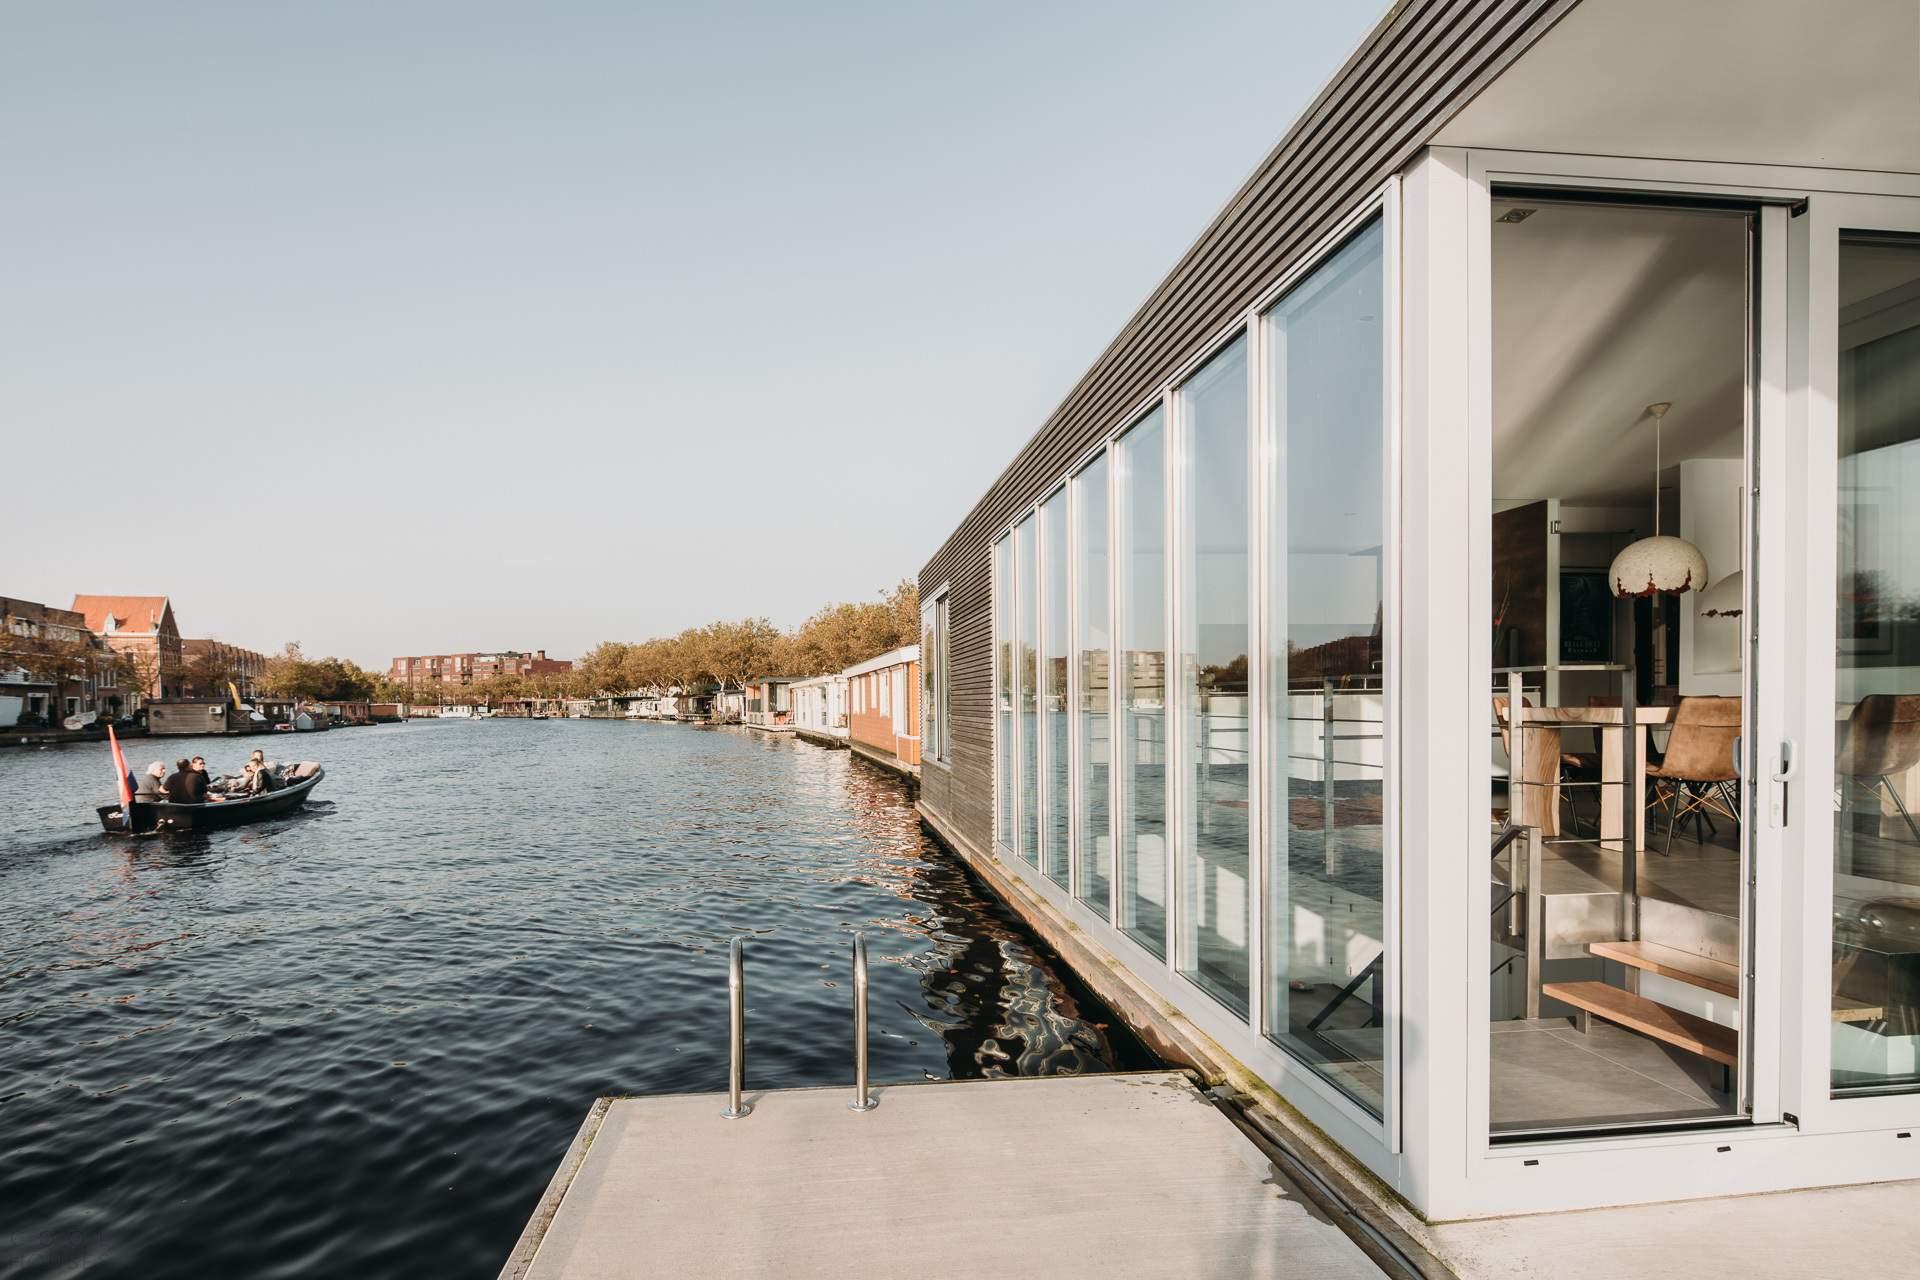 Плавающая вилла, Нидерланды